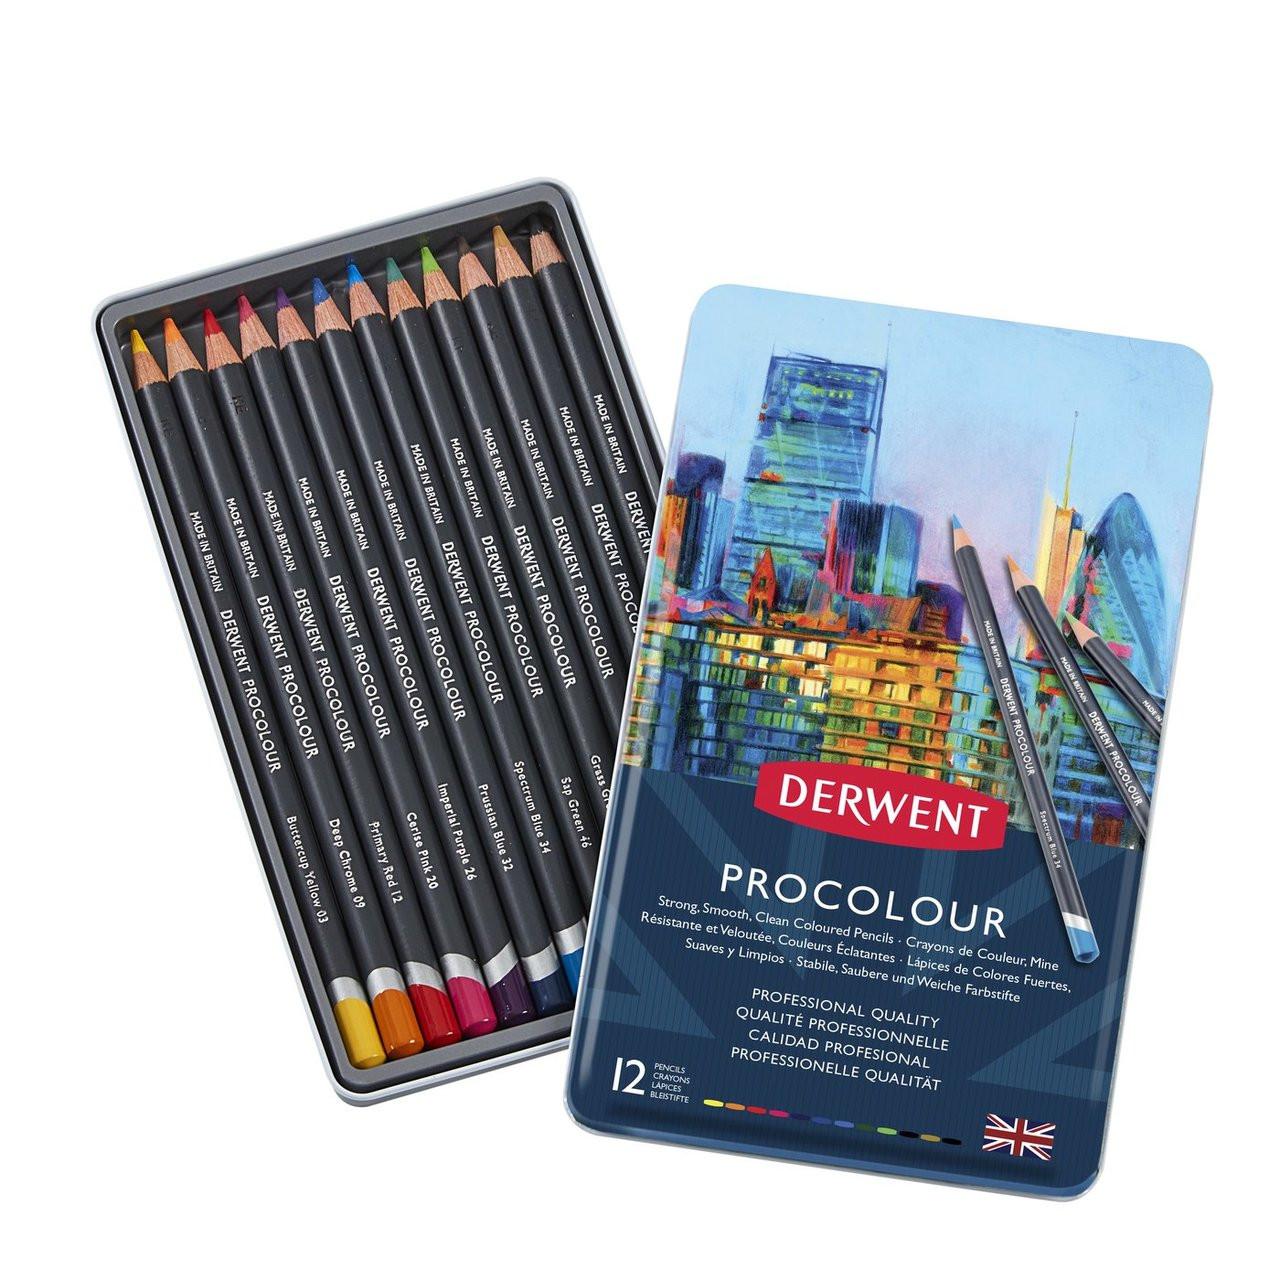 Derwent Procolor 12-Pencil Set